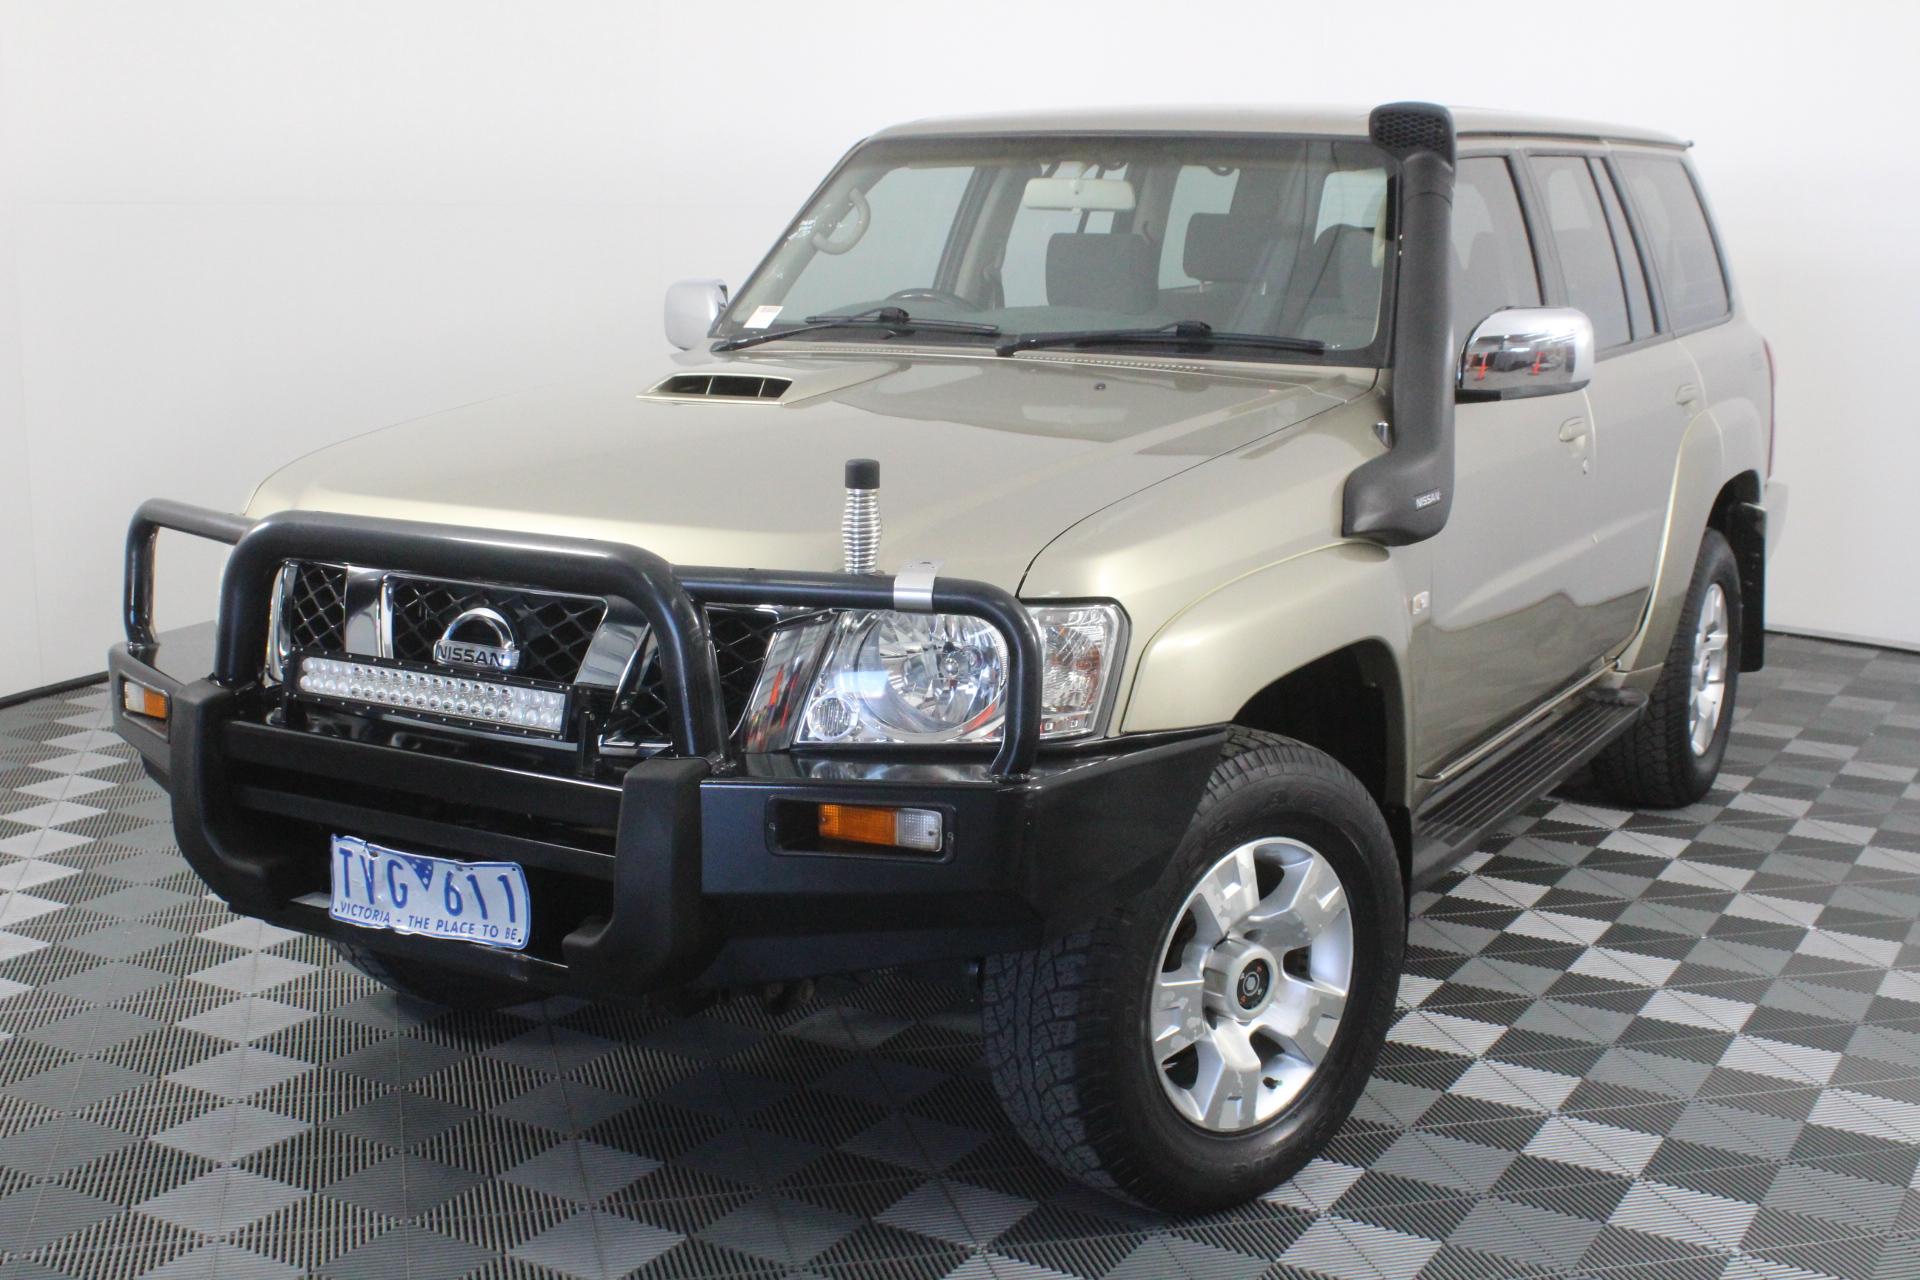 2005 Nissan Patrol ST (4x4) GU II Turbo Diesel Manual 7 Seats Wagon